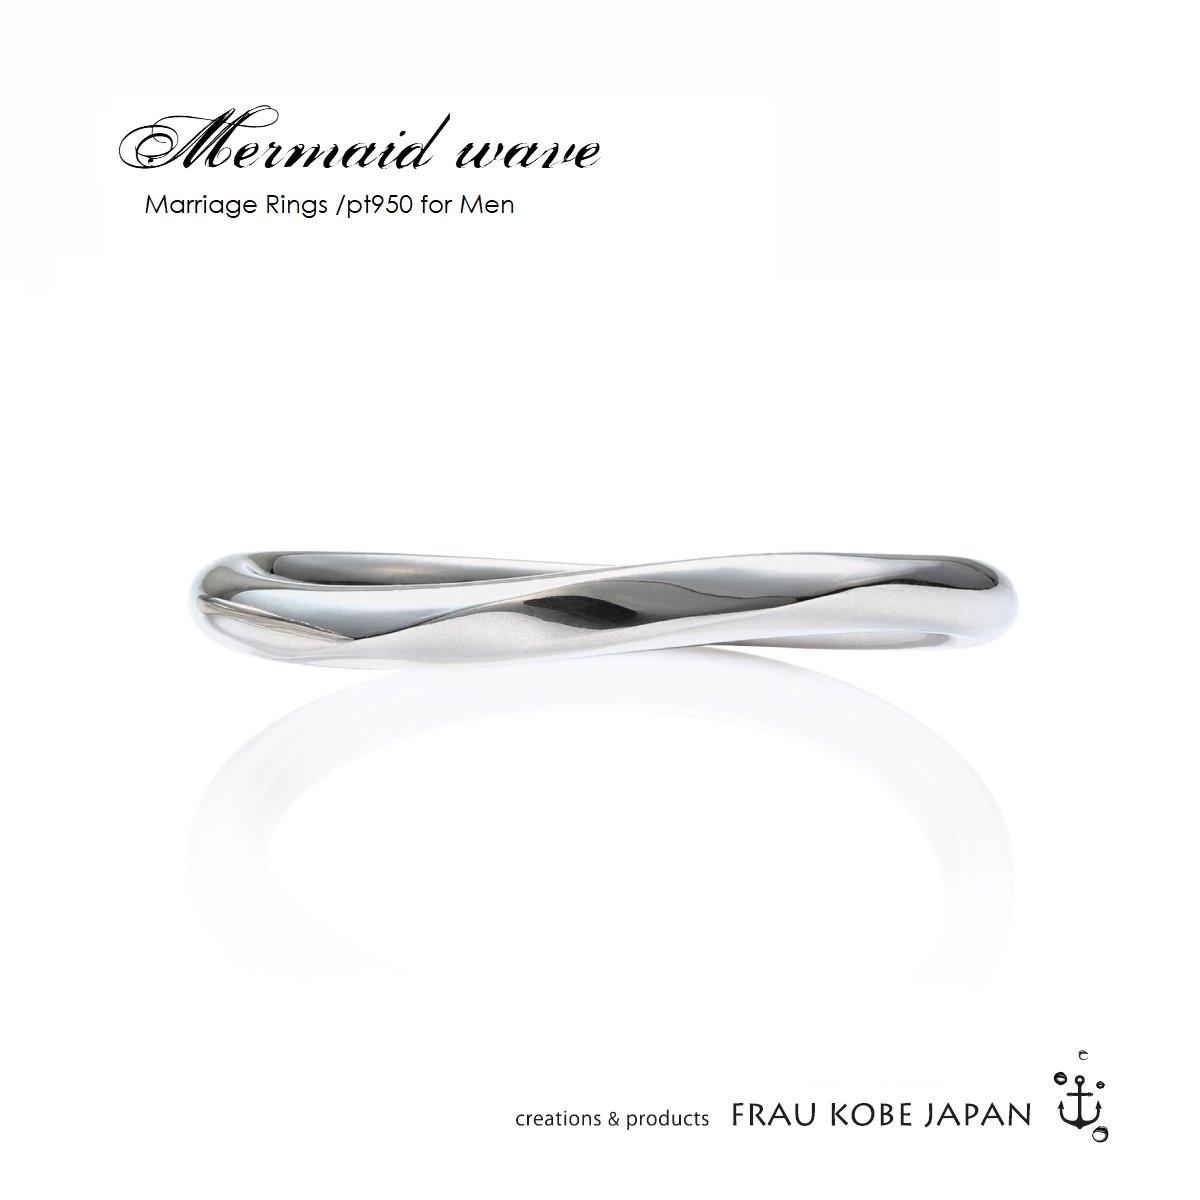 Mermaid Wave マリッジリング -Plain type- (Men's)